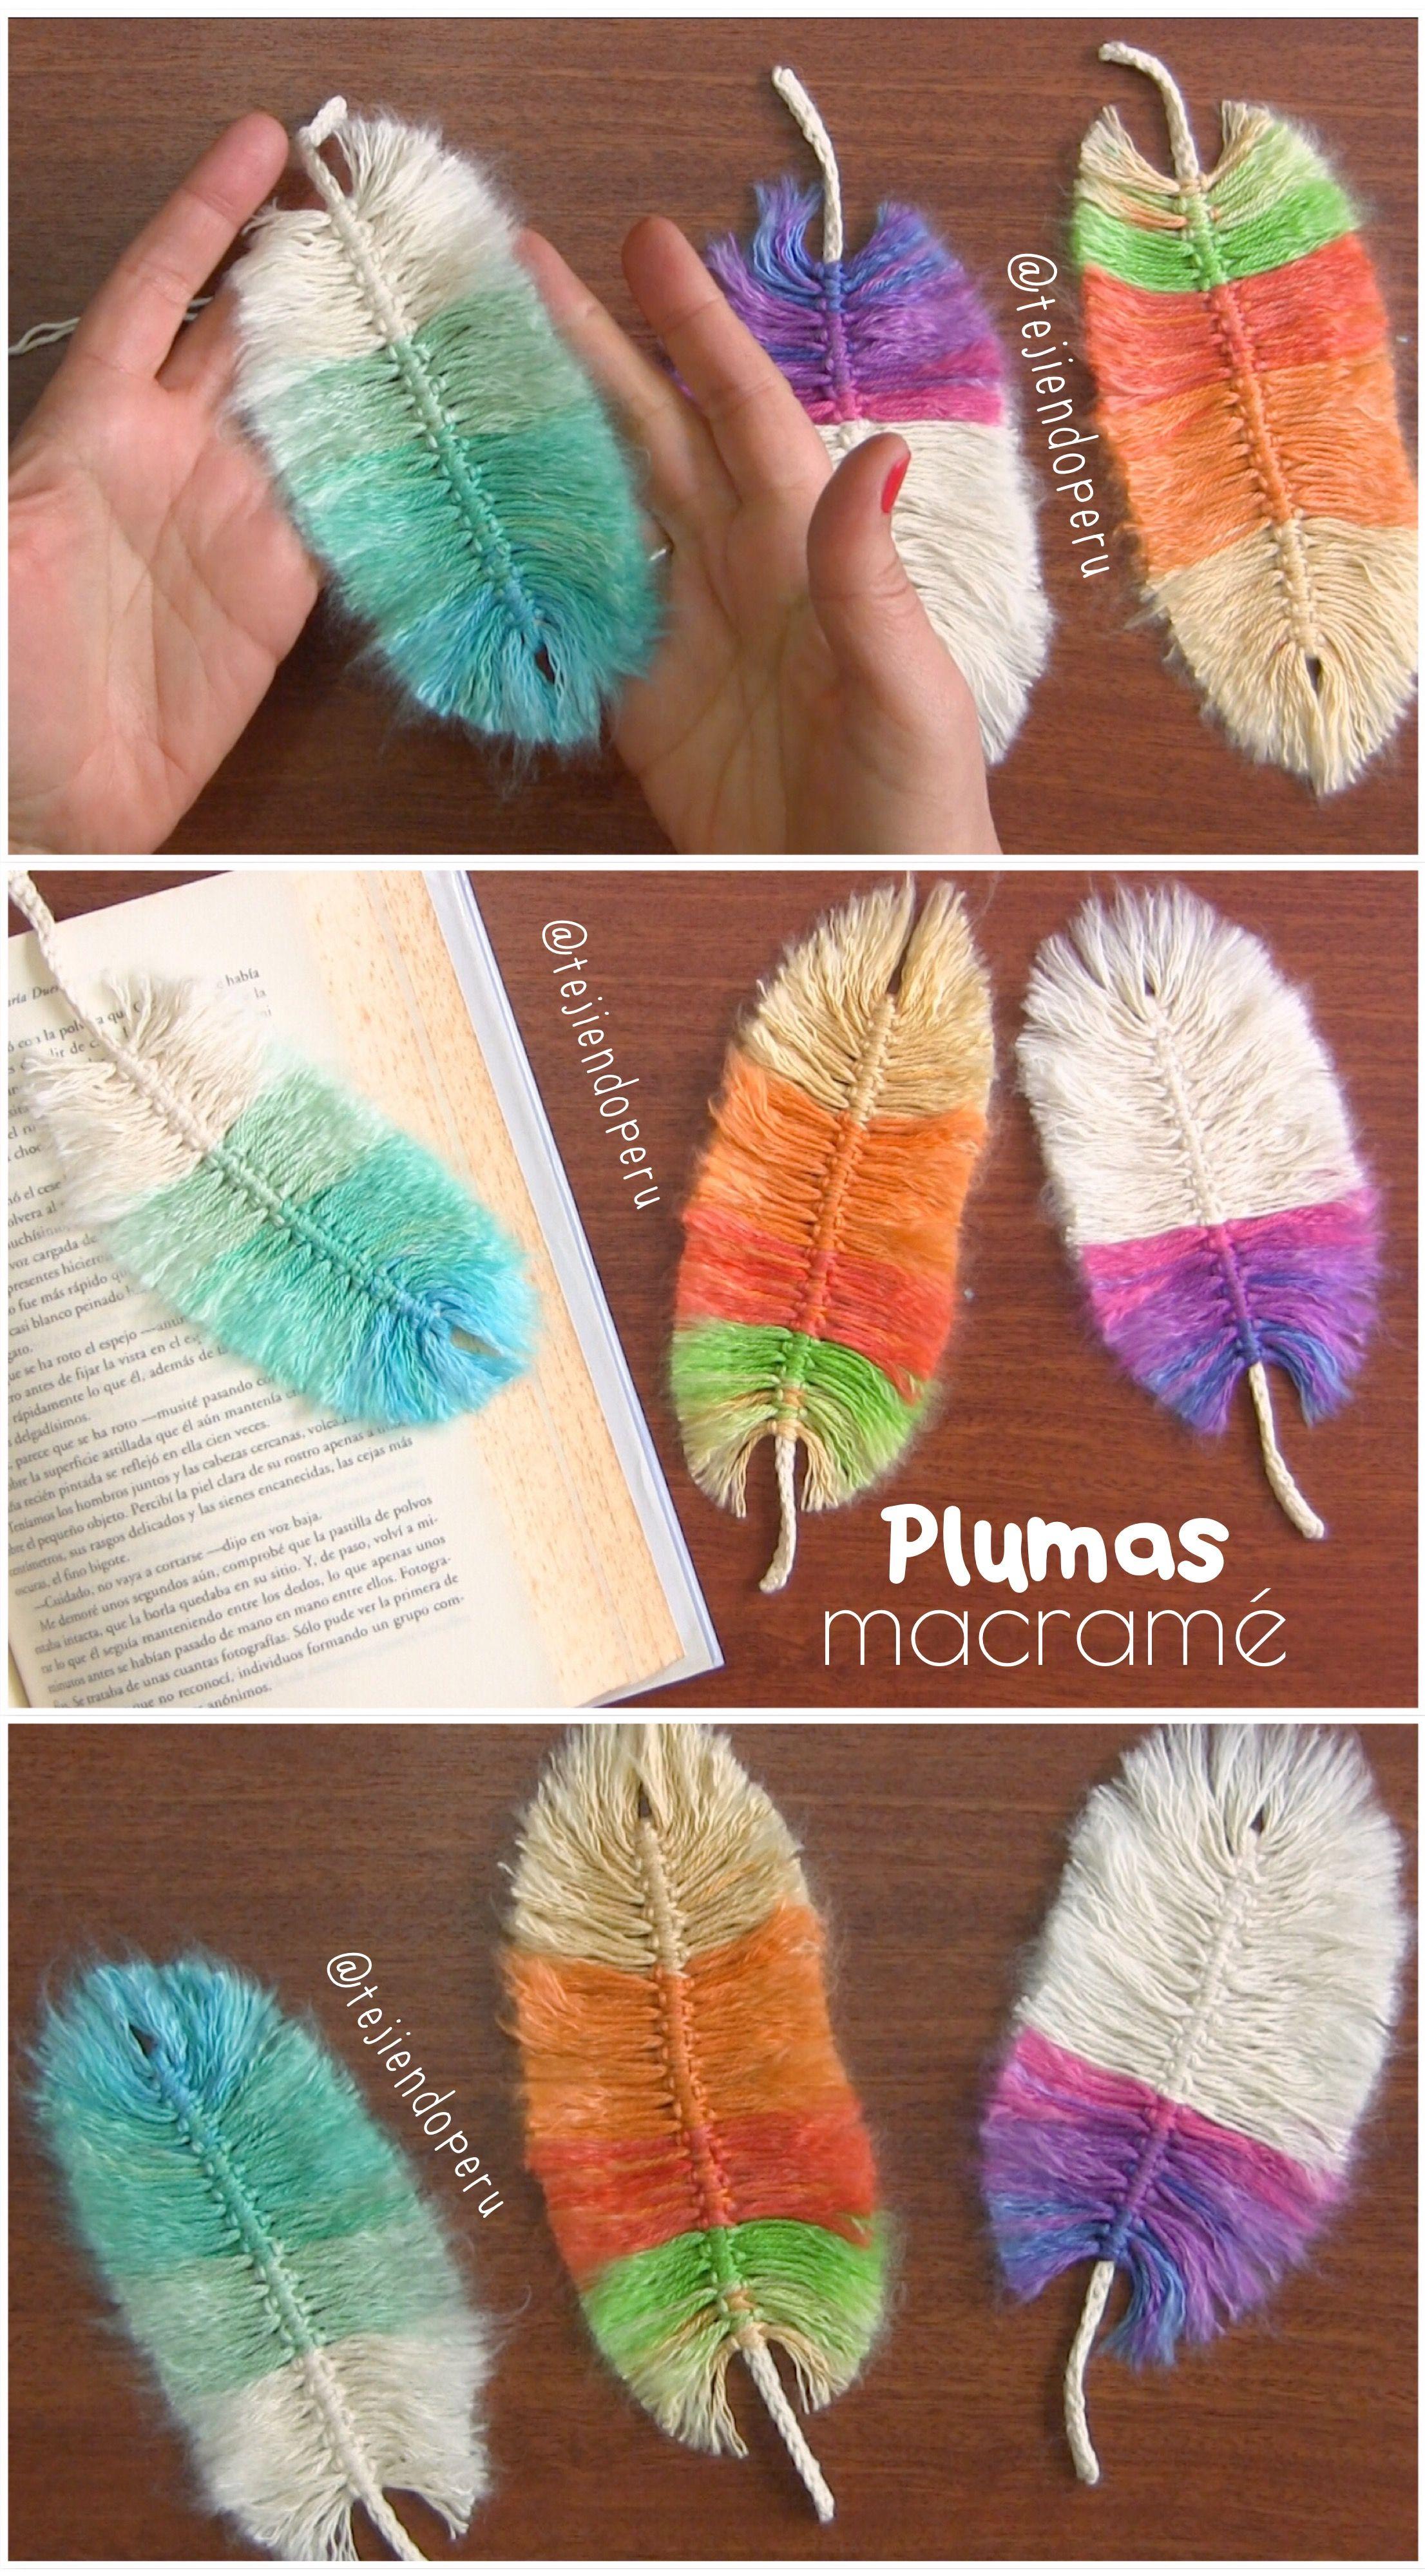 Plumas macrame de colores paso a paso 😍 Macrame feathers tutorial ...